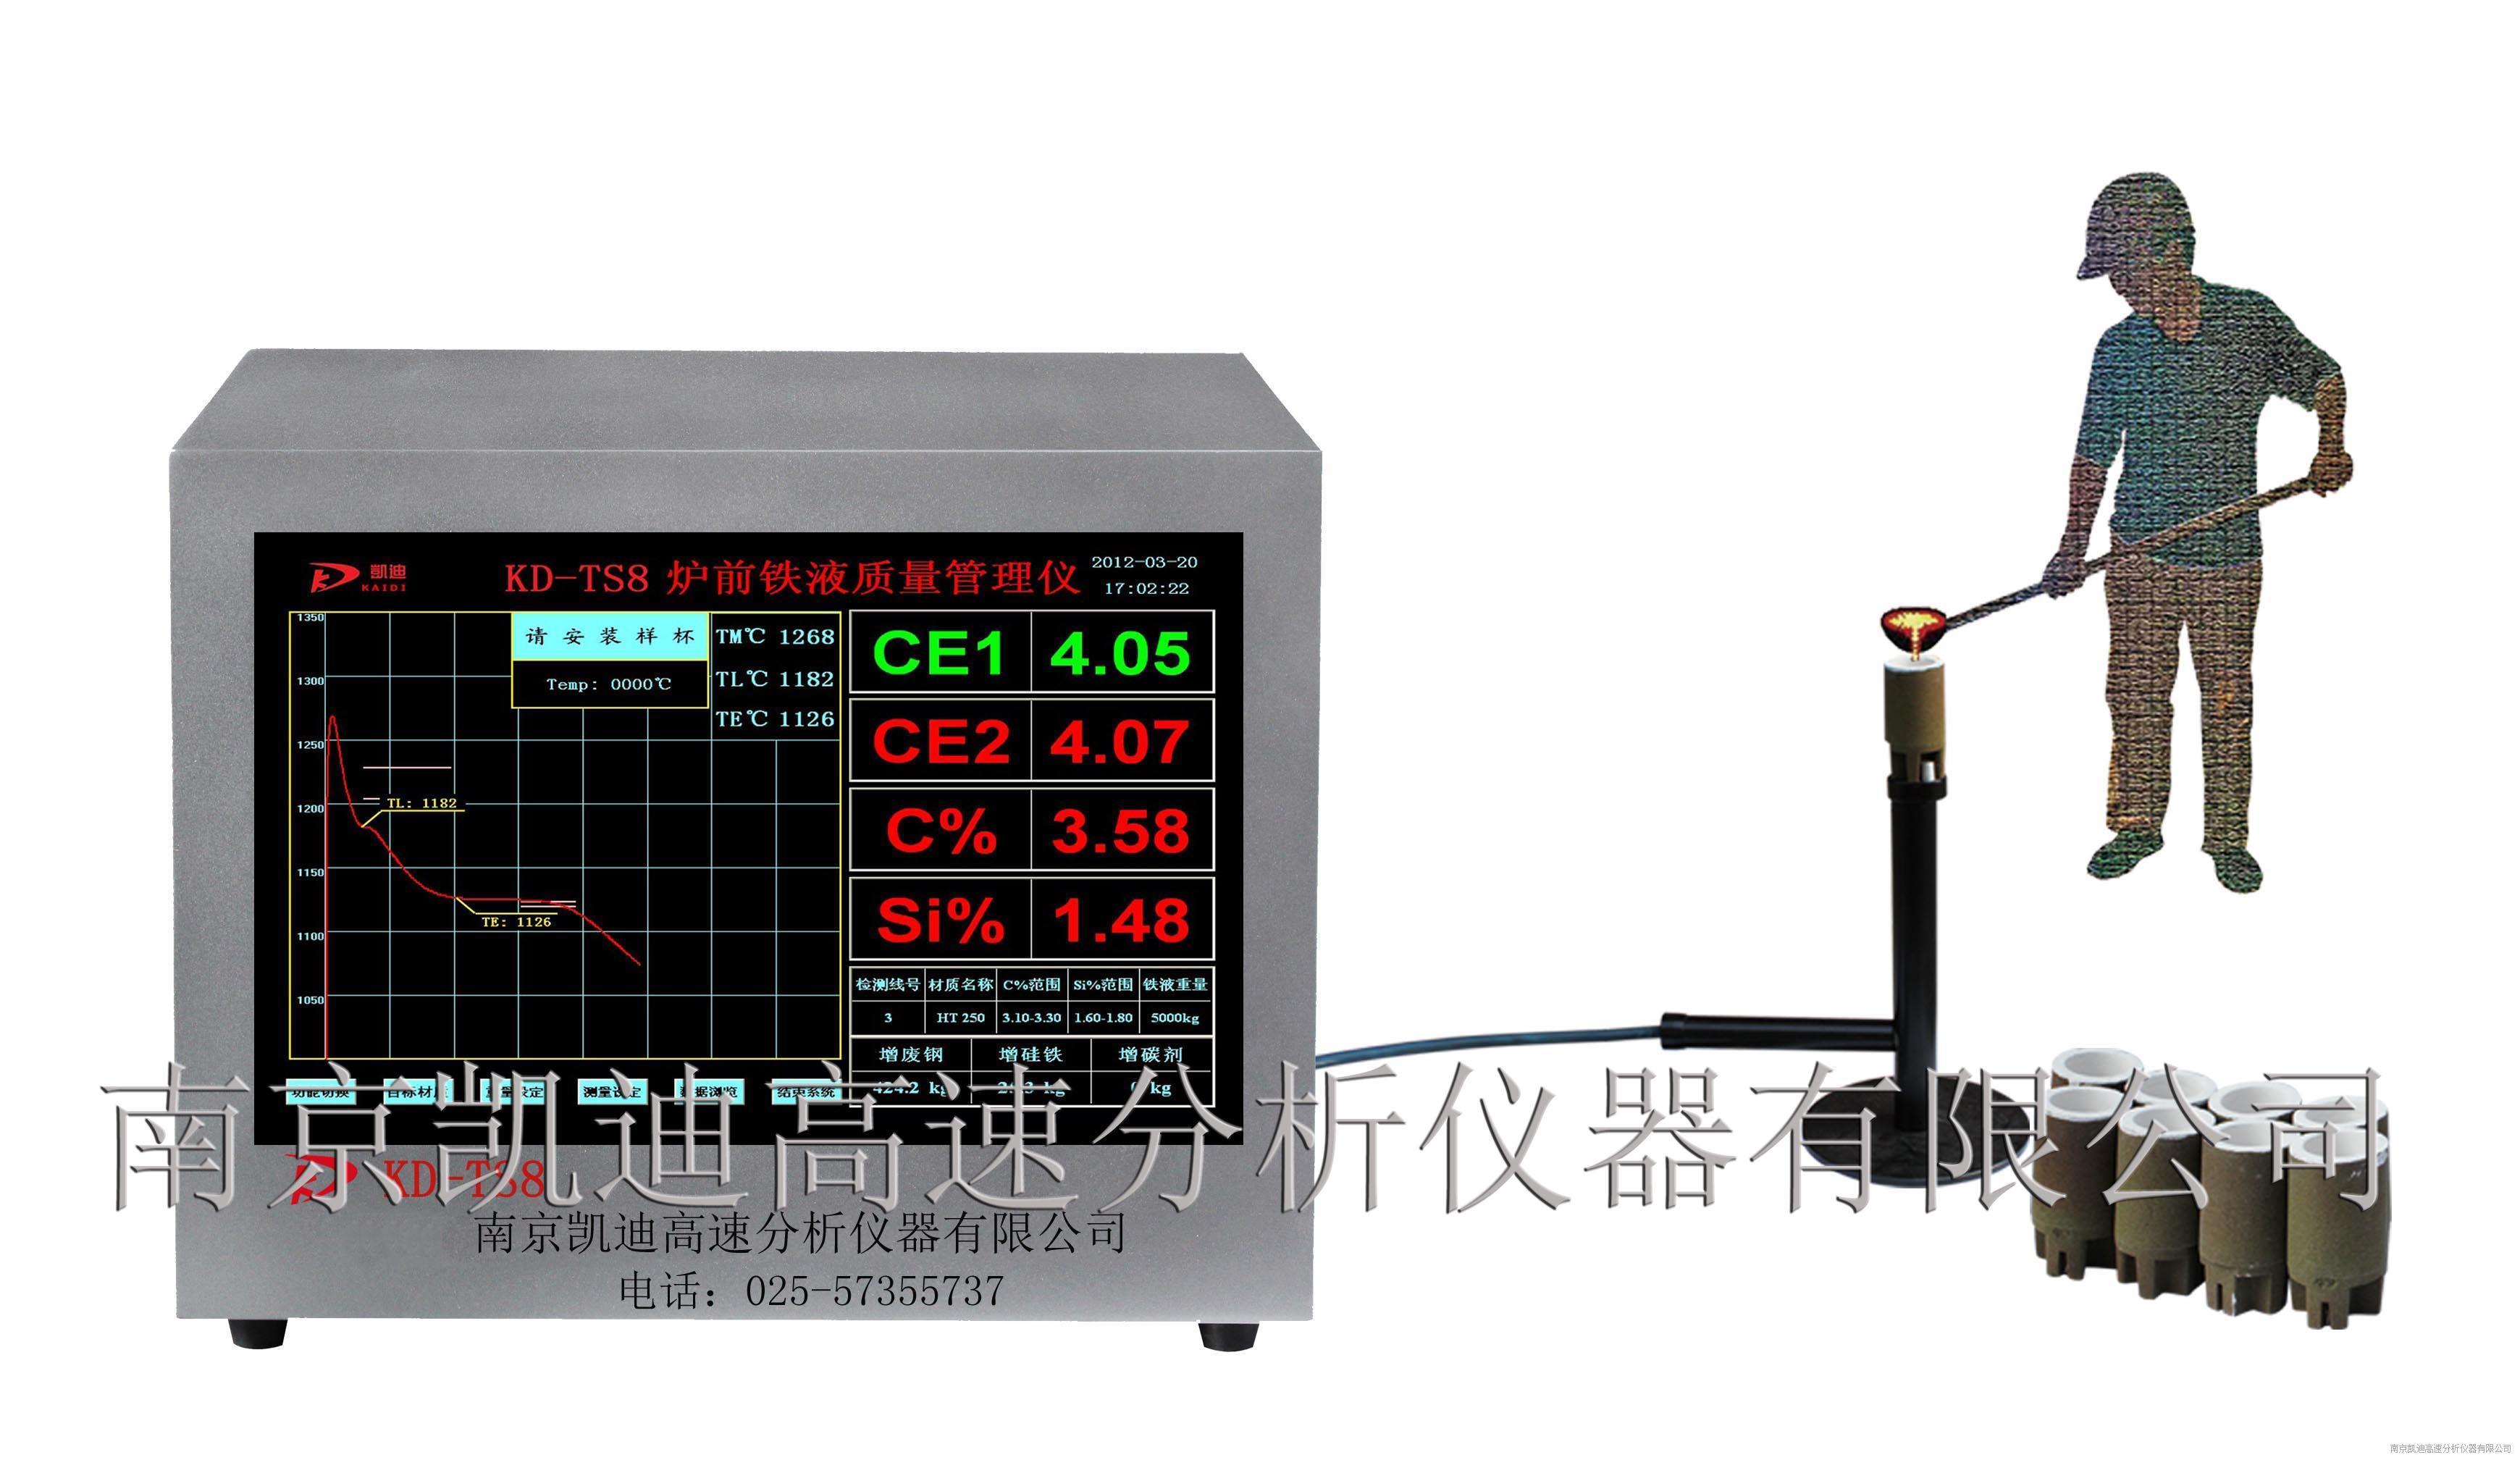 KD-TS8型炉前铁水分析仪